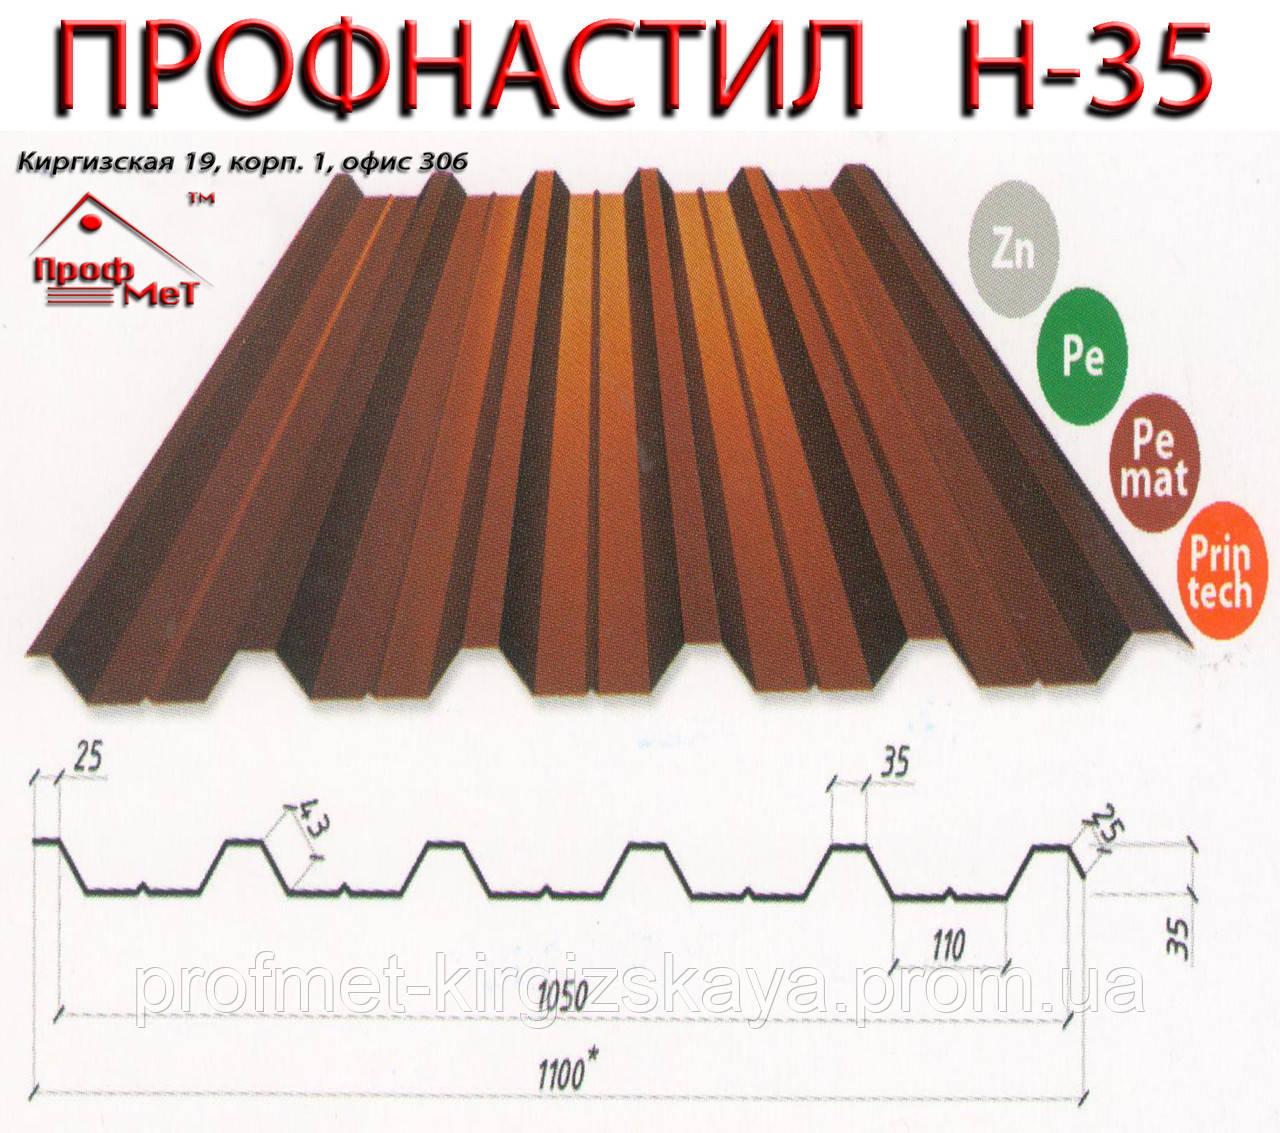 Профлист H-35